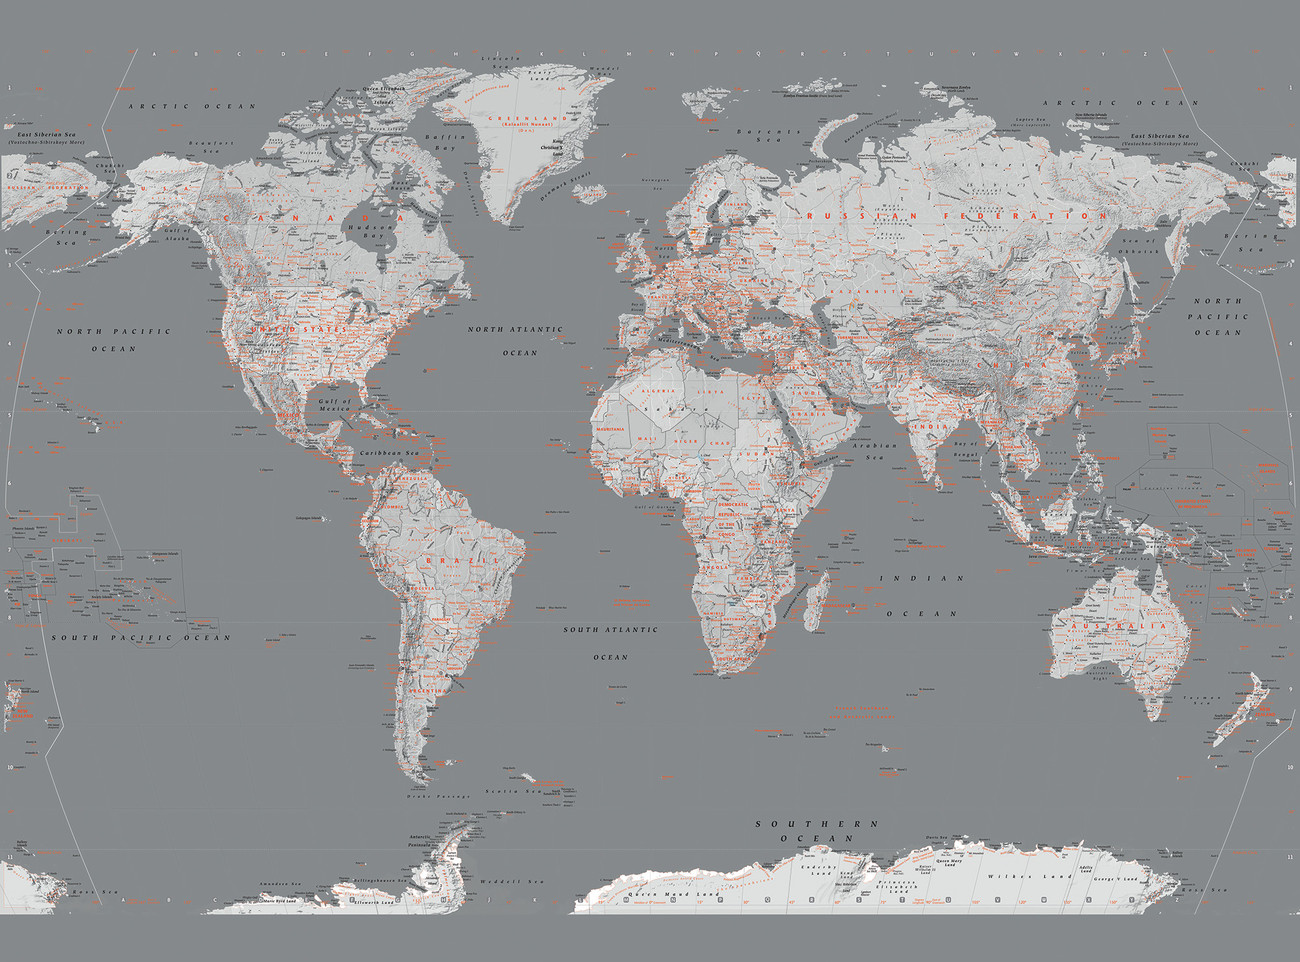 fototapeta mapa sveta Fototapeta Mapa sveta   strieborná a oranžová   Tapeta na stenu na  fototapeta mapa sveta